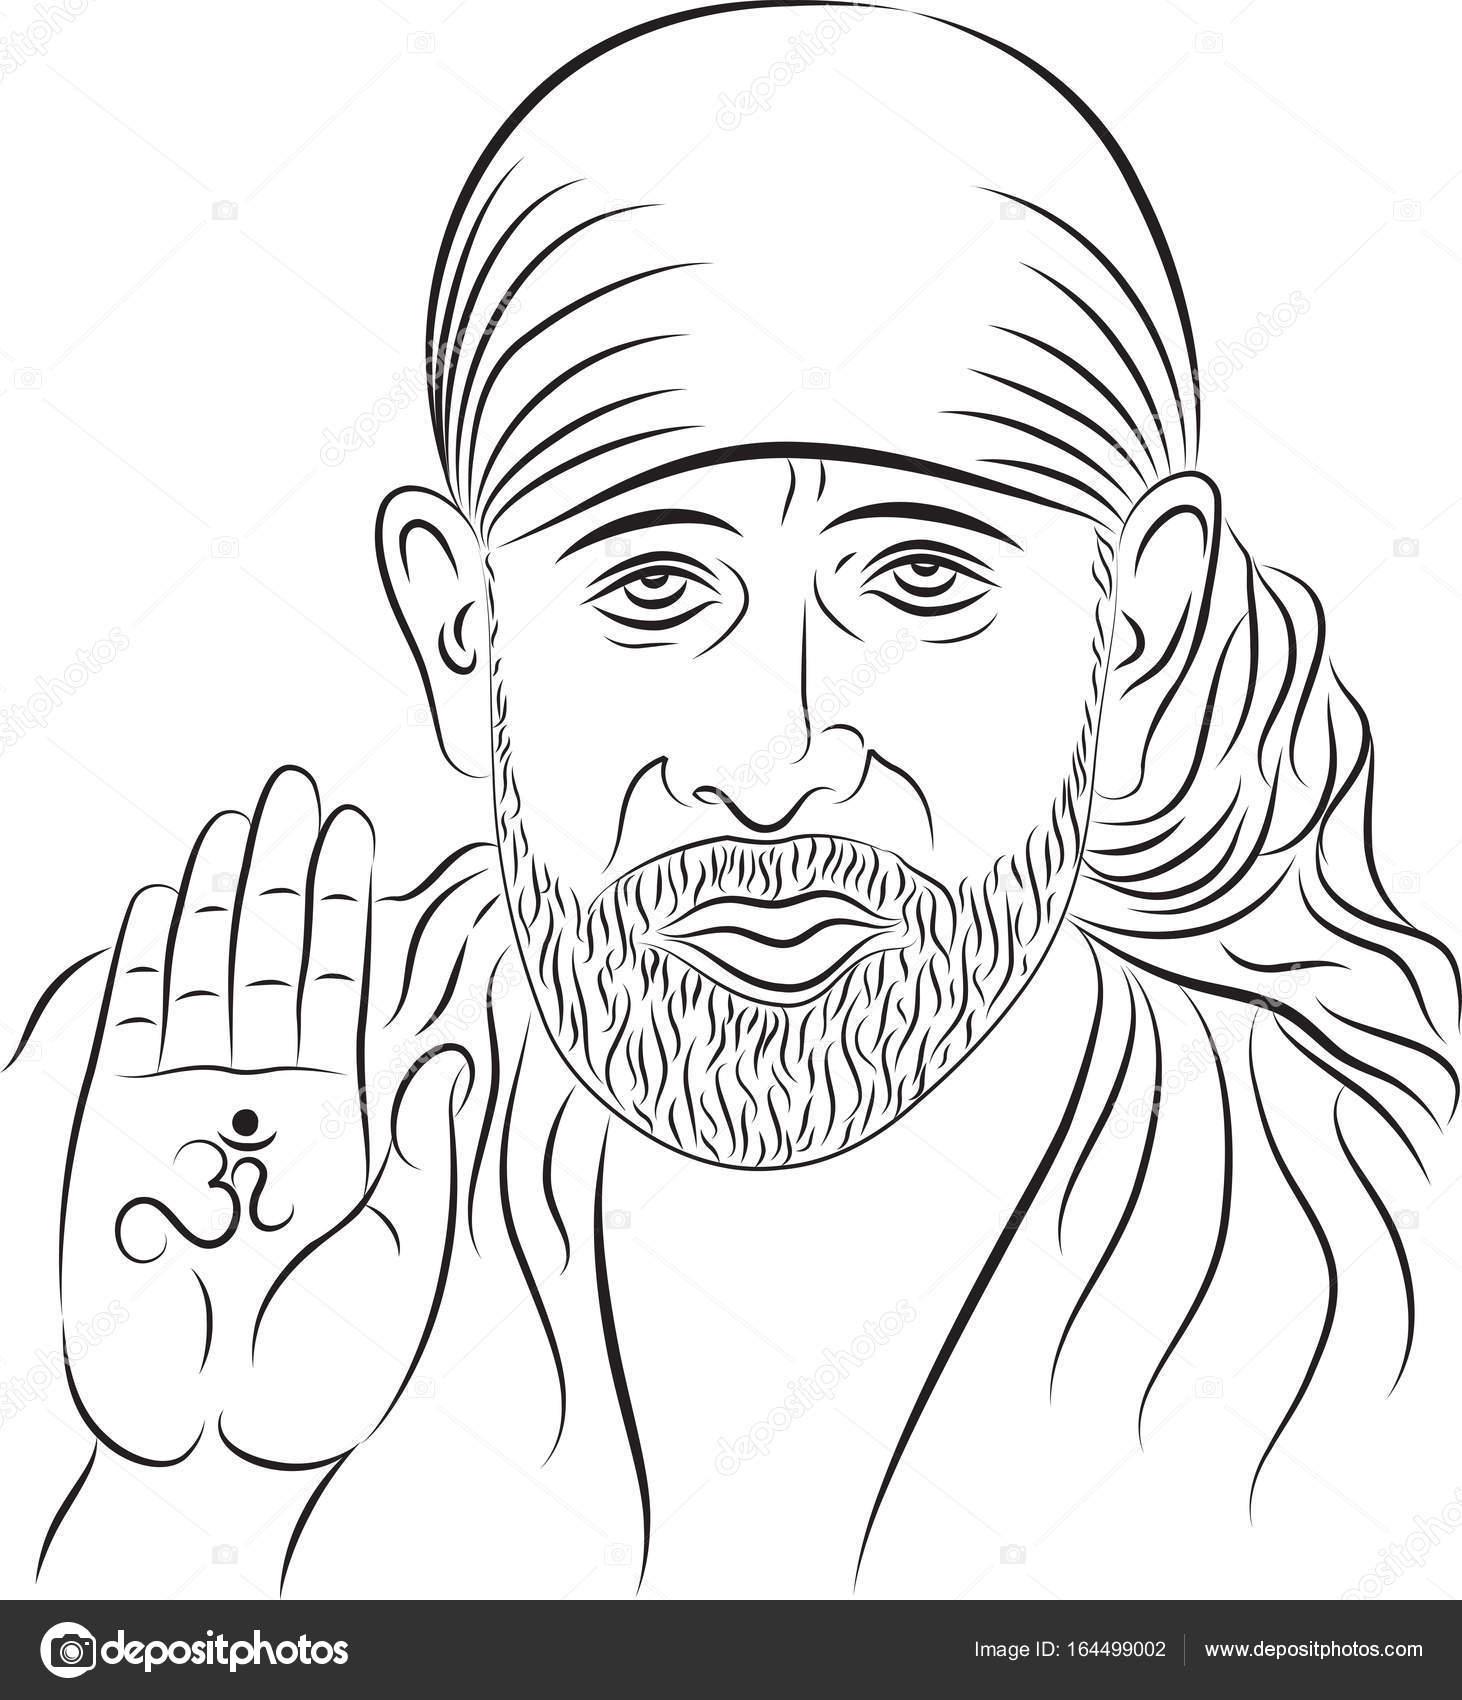 Wallpapers: shirdi sai baba | Calligraphic Shirdi Sai Baba